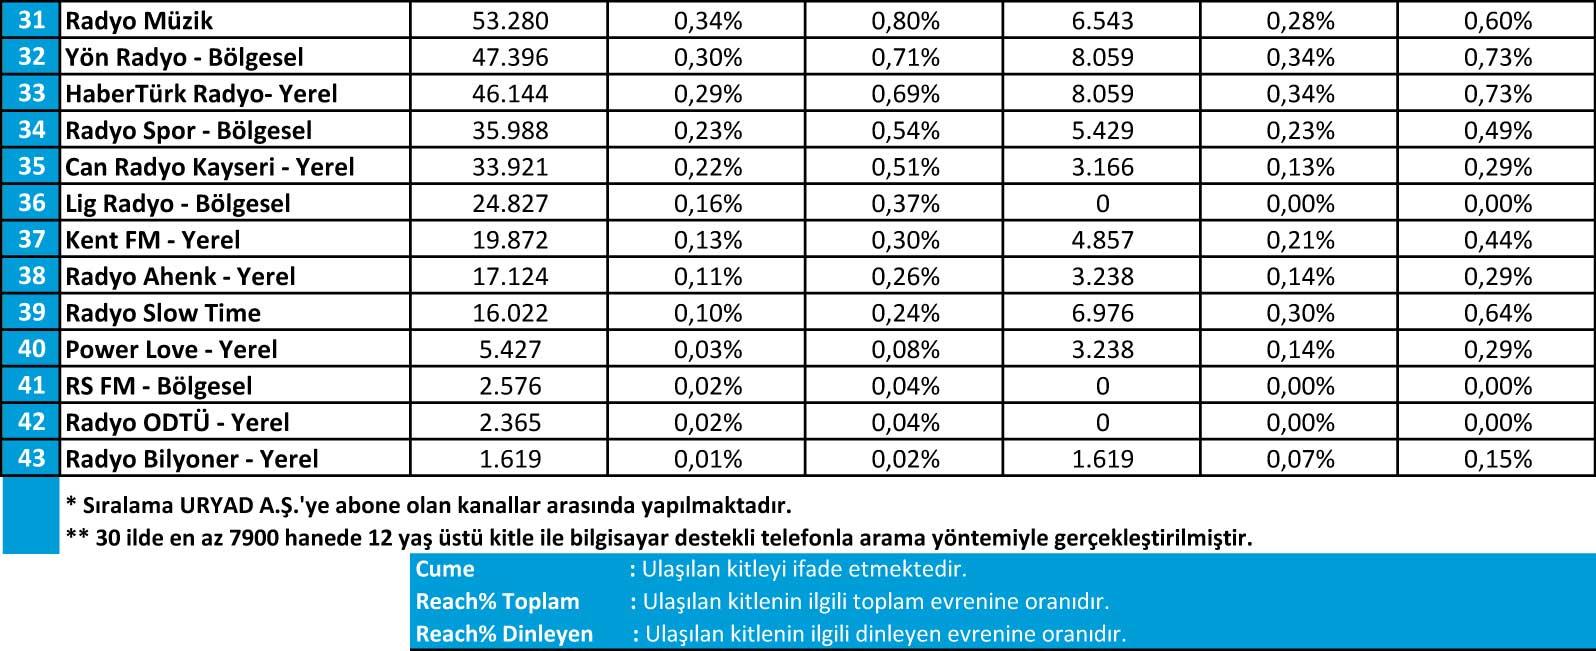 Temmuz 2016 Radyo Reyting Sonuçları